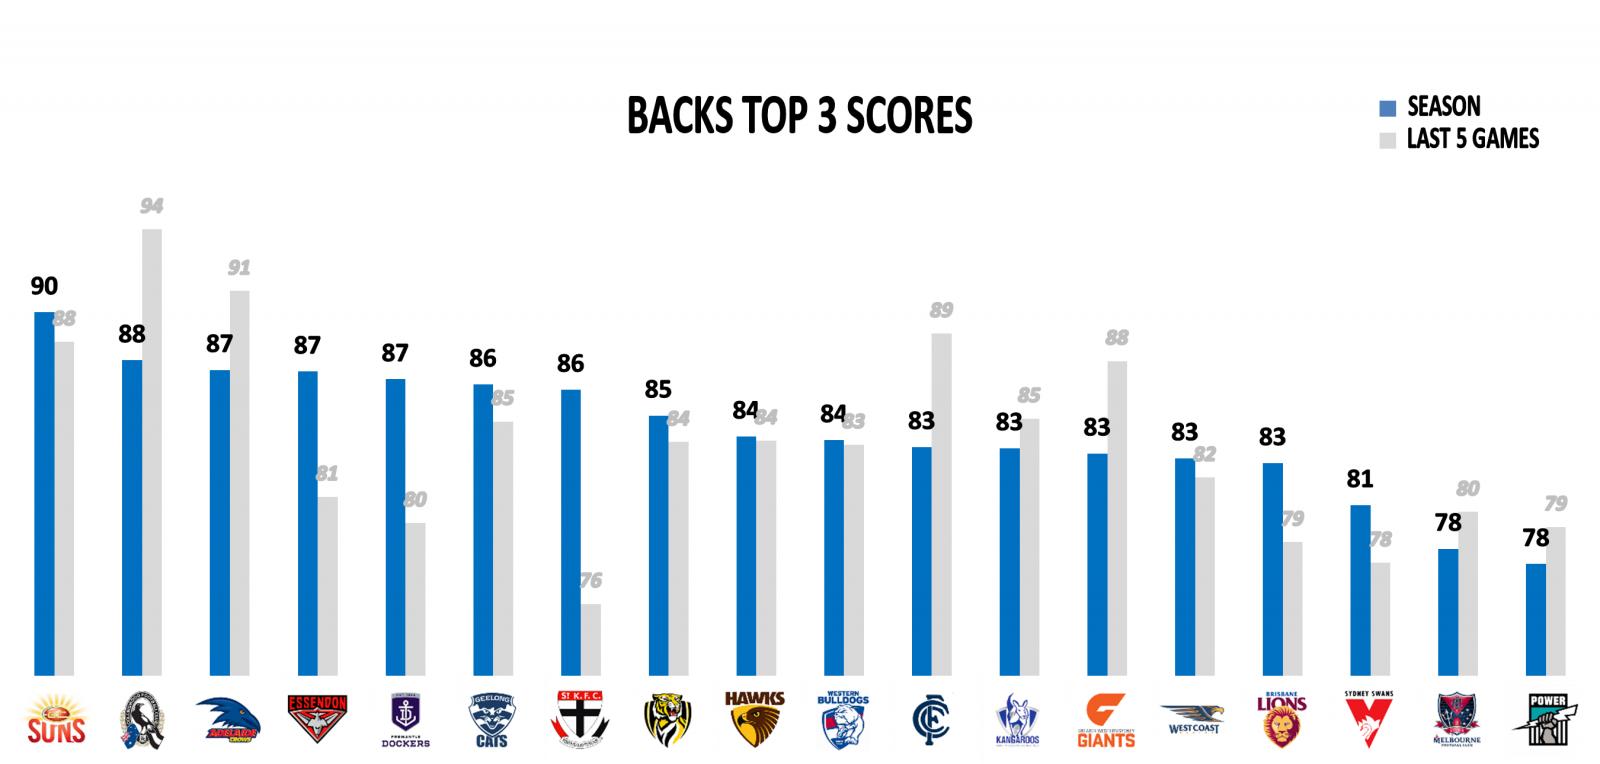 AFL top 3 backs points against